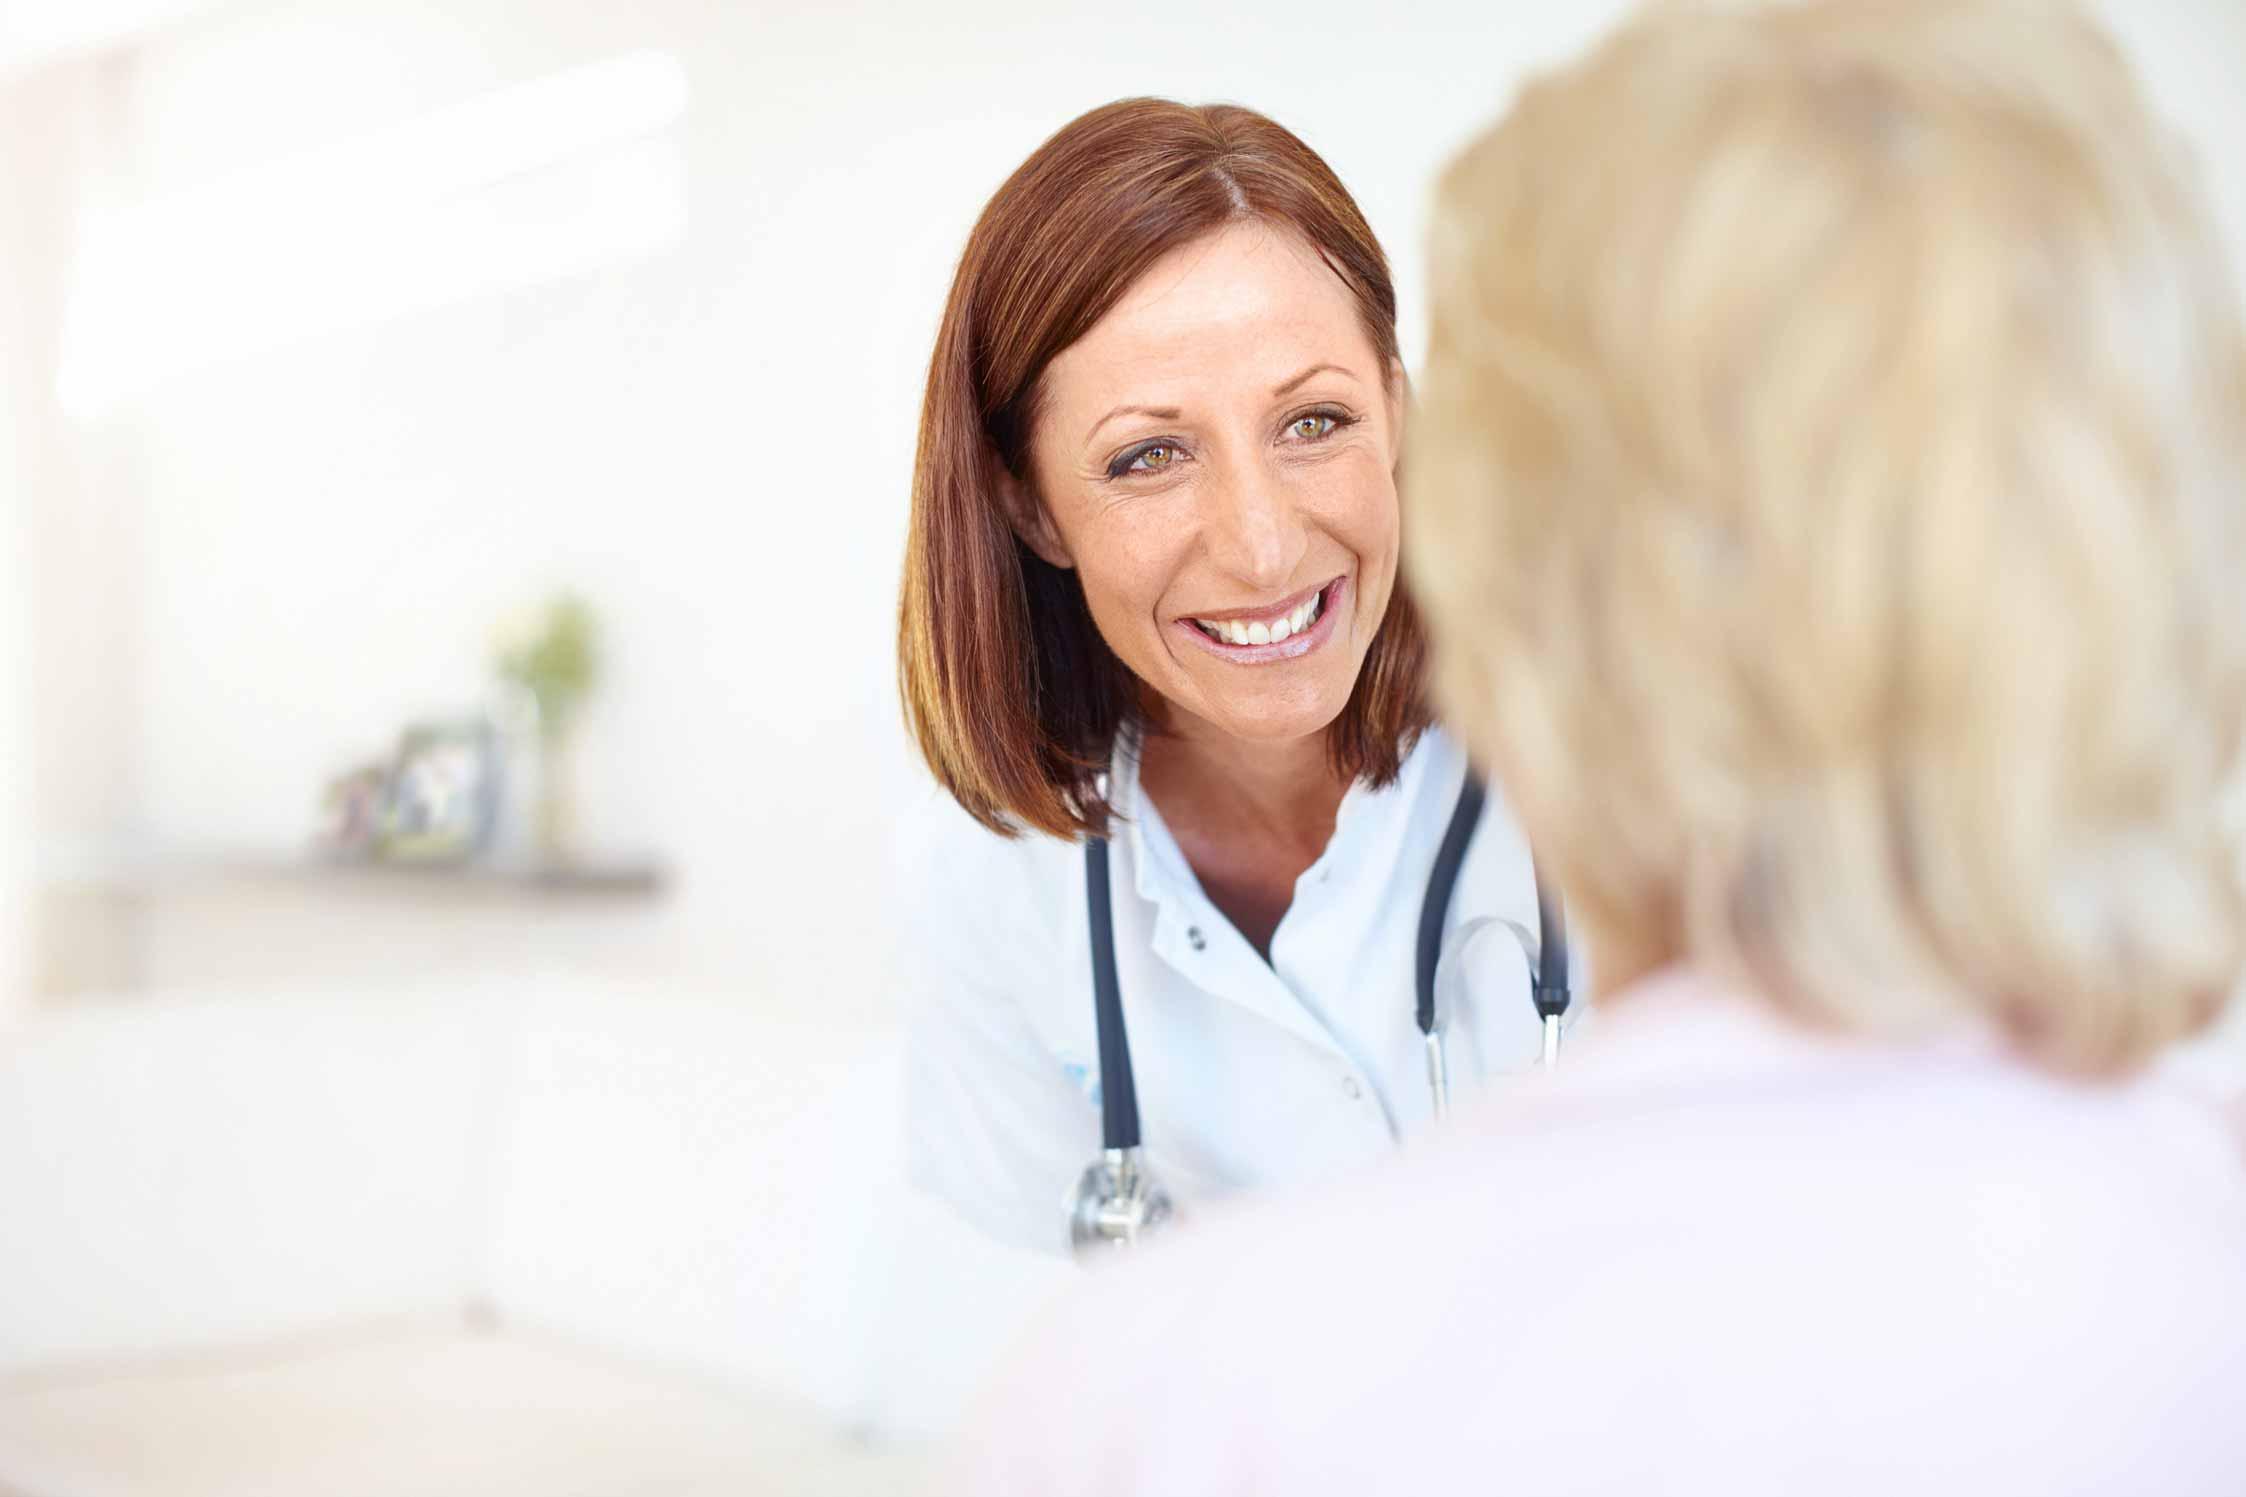 Labordiagnostik Beratung